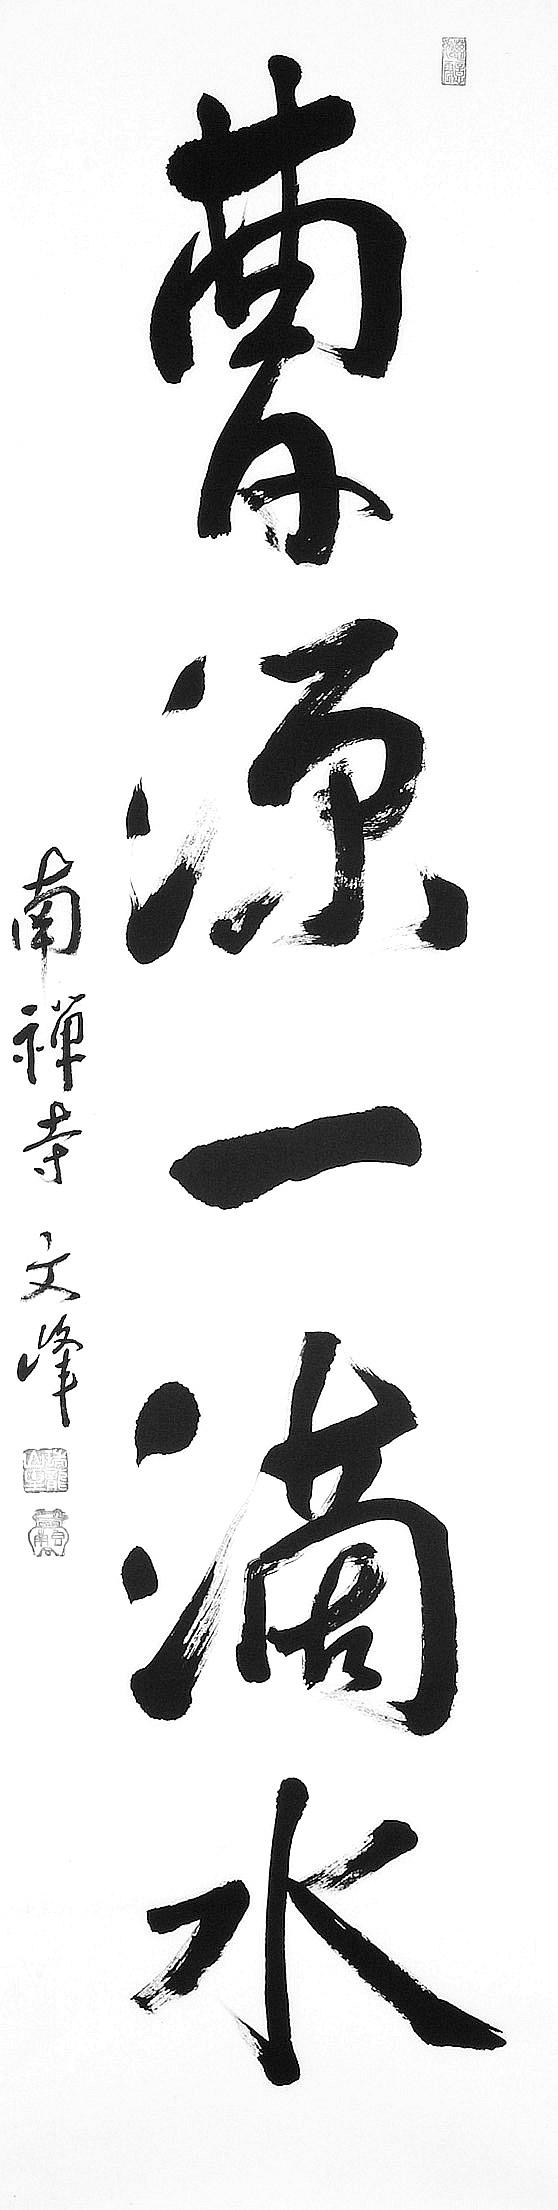 中村 文峰 曹源一滴水